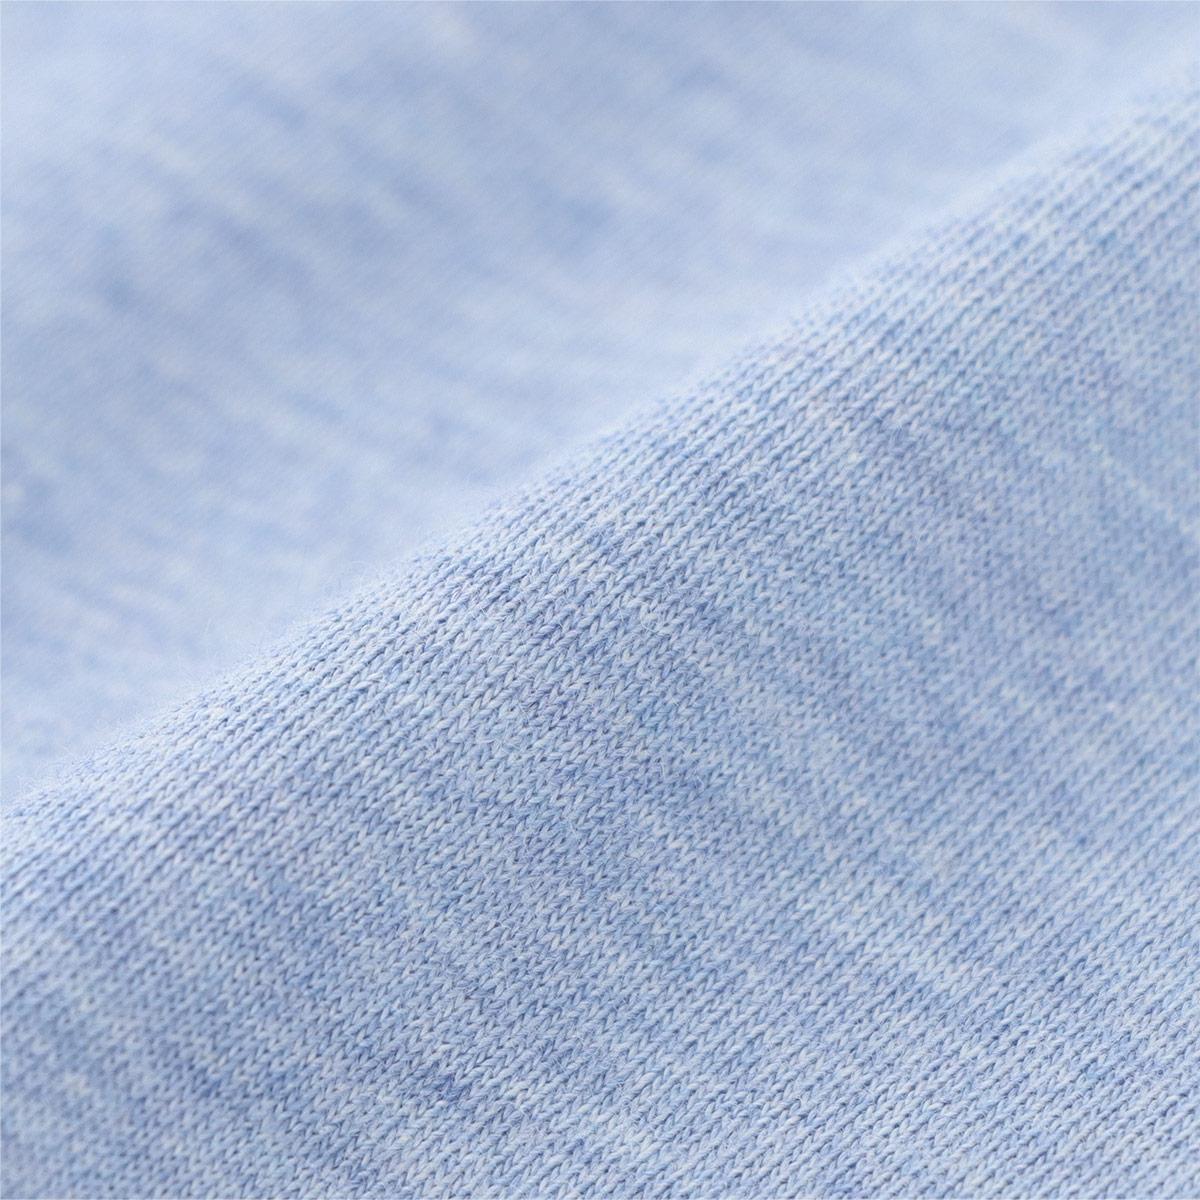 LANVIN COLLECTION ランバン コレクション レディース パジャマ ニュアンスシネ コットン100% フロント タック 長袖 パンツ Mサイズ 日本製 73045512【ゆうパケットお取り扱い不可】